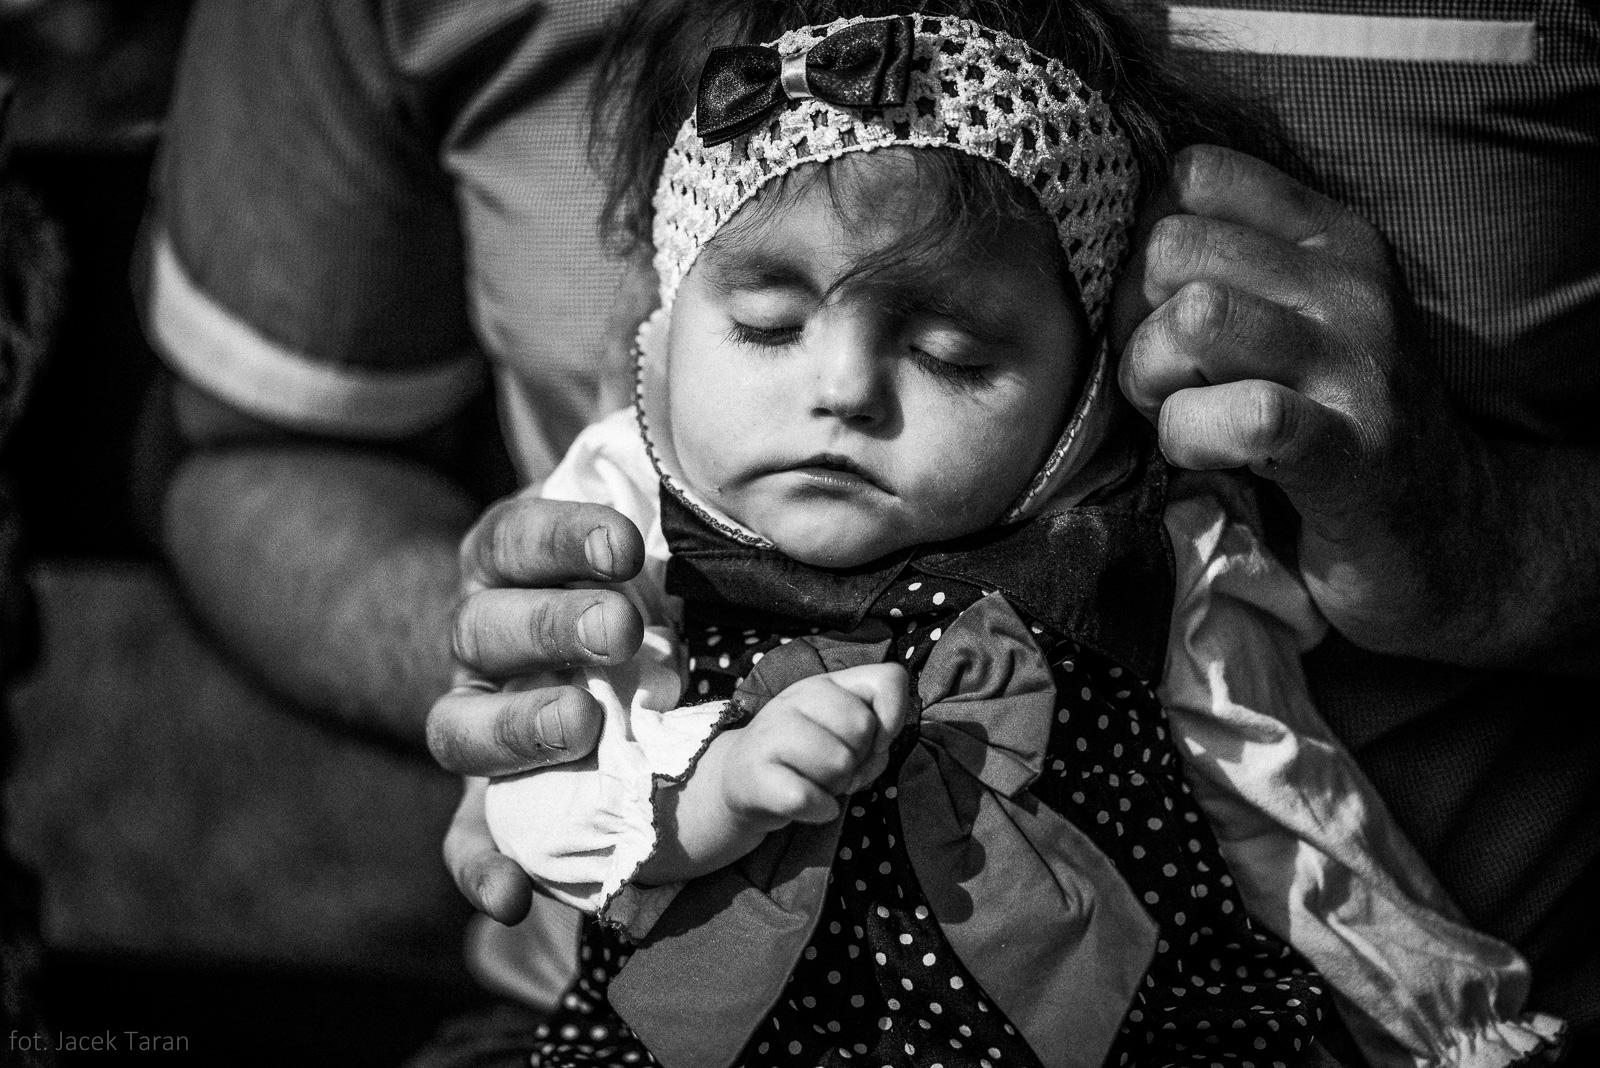 1%, alma spei, darowizna, hospicjum, dzieci chore, fundacja, charytatywna, pomoc, datek, odliczenie;